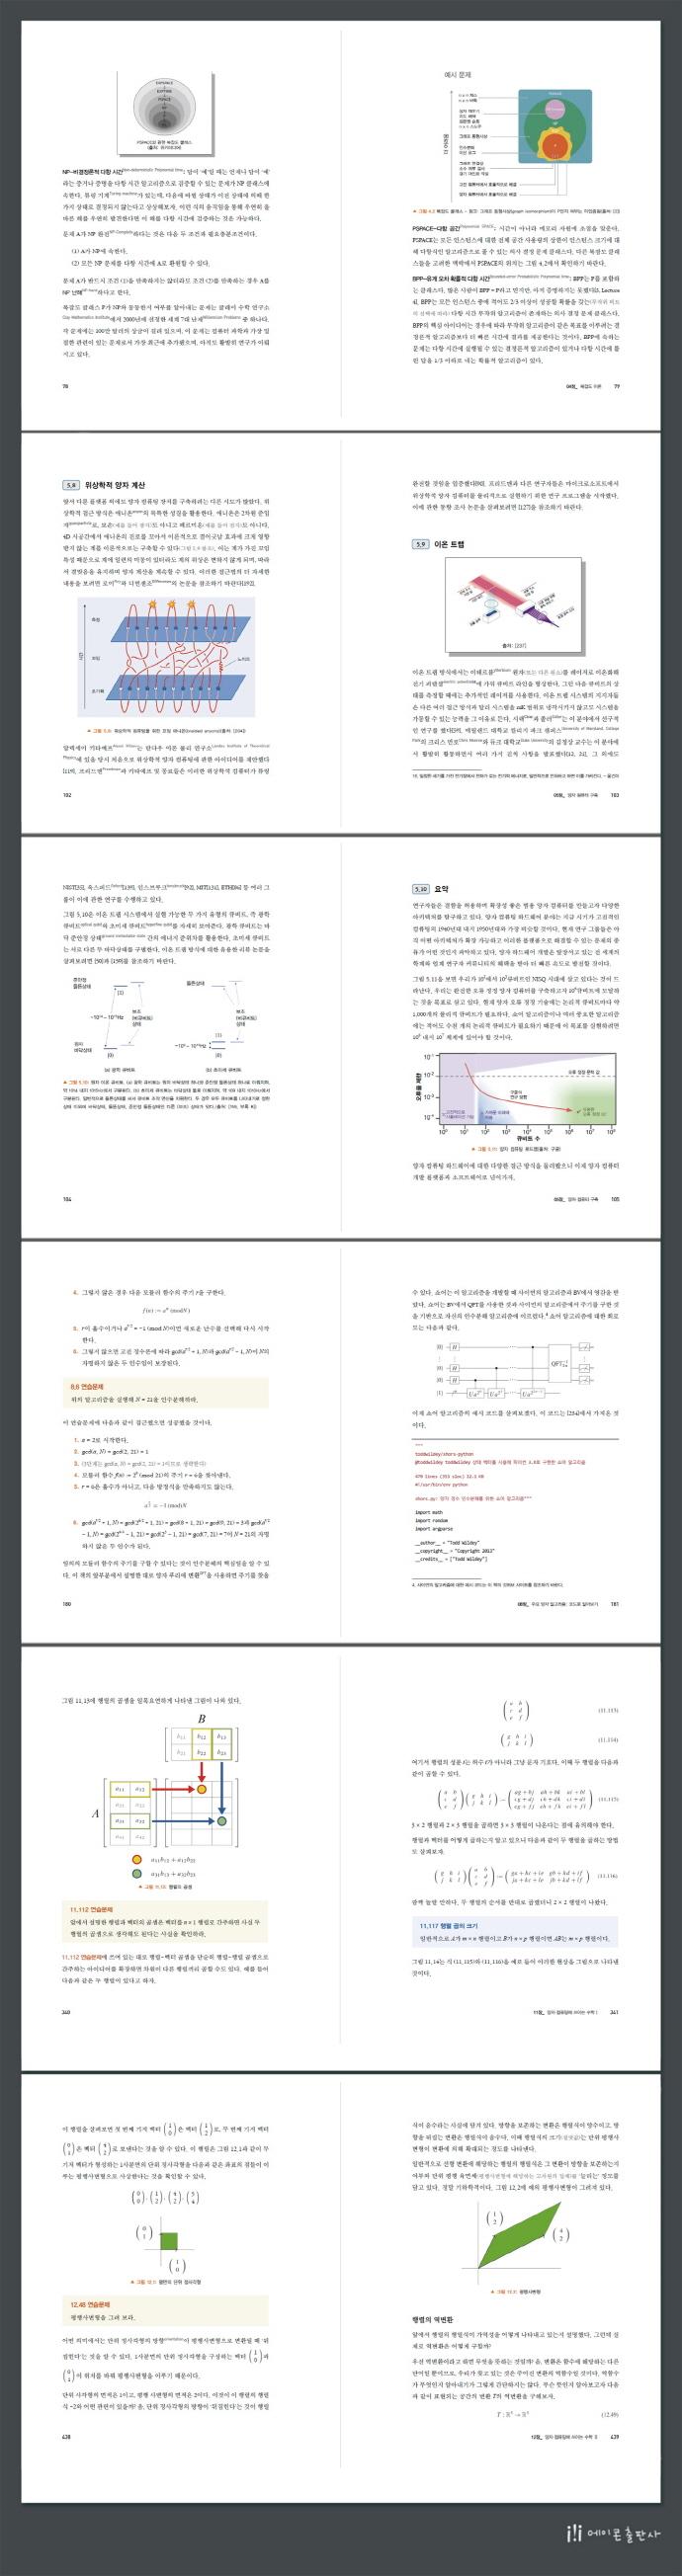 양자 컴퓨팅: 이론에서 응용까지(데이터 과학) 도서 상세이미지